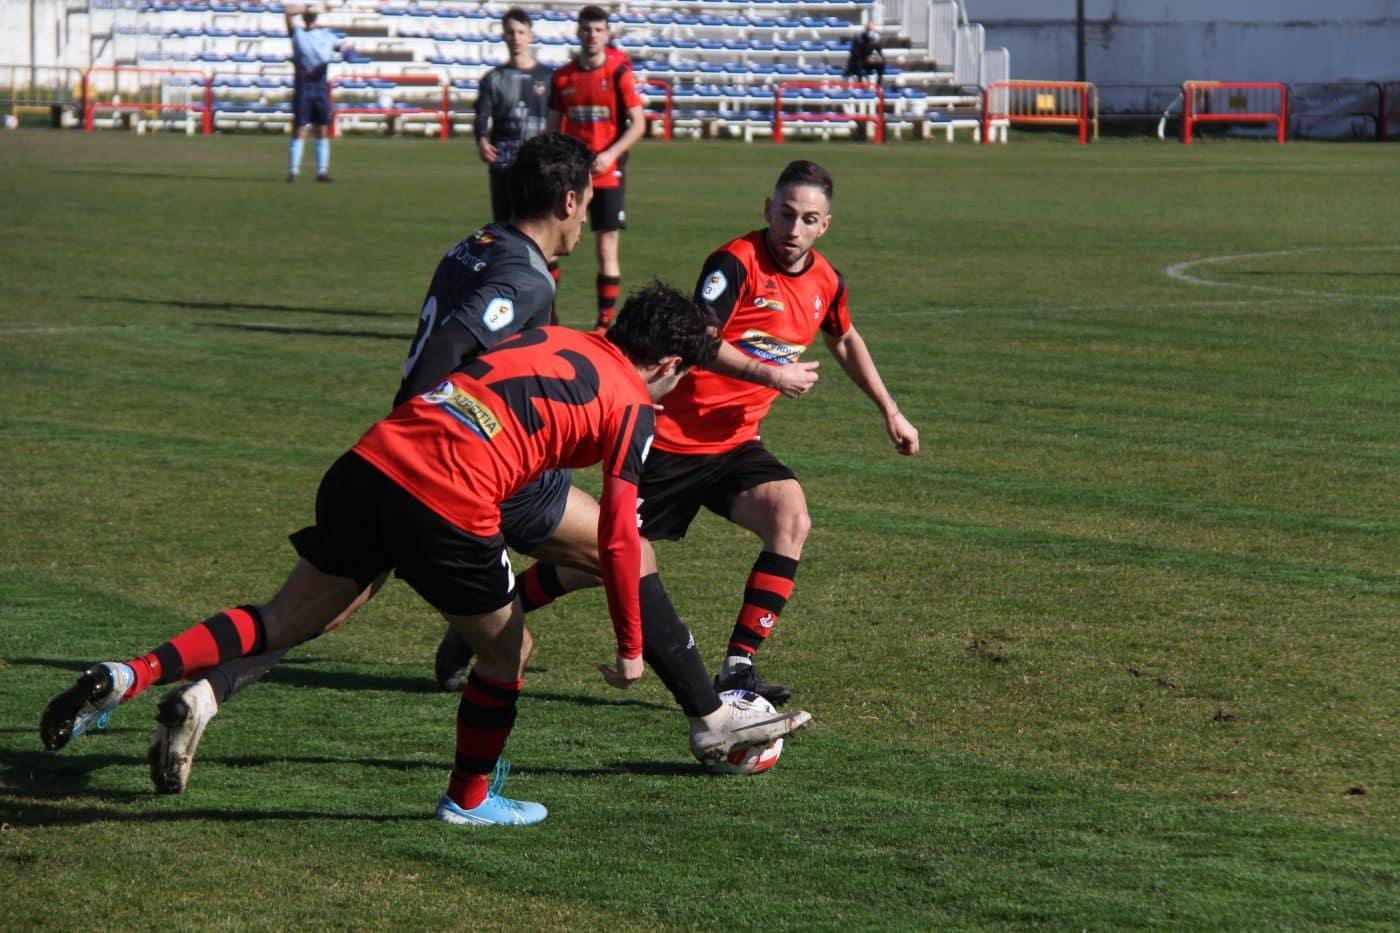 Derrotas de La Calzada y Náxara en la jornada del domingo 1